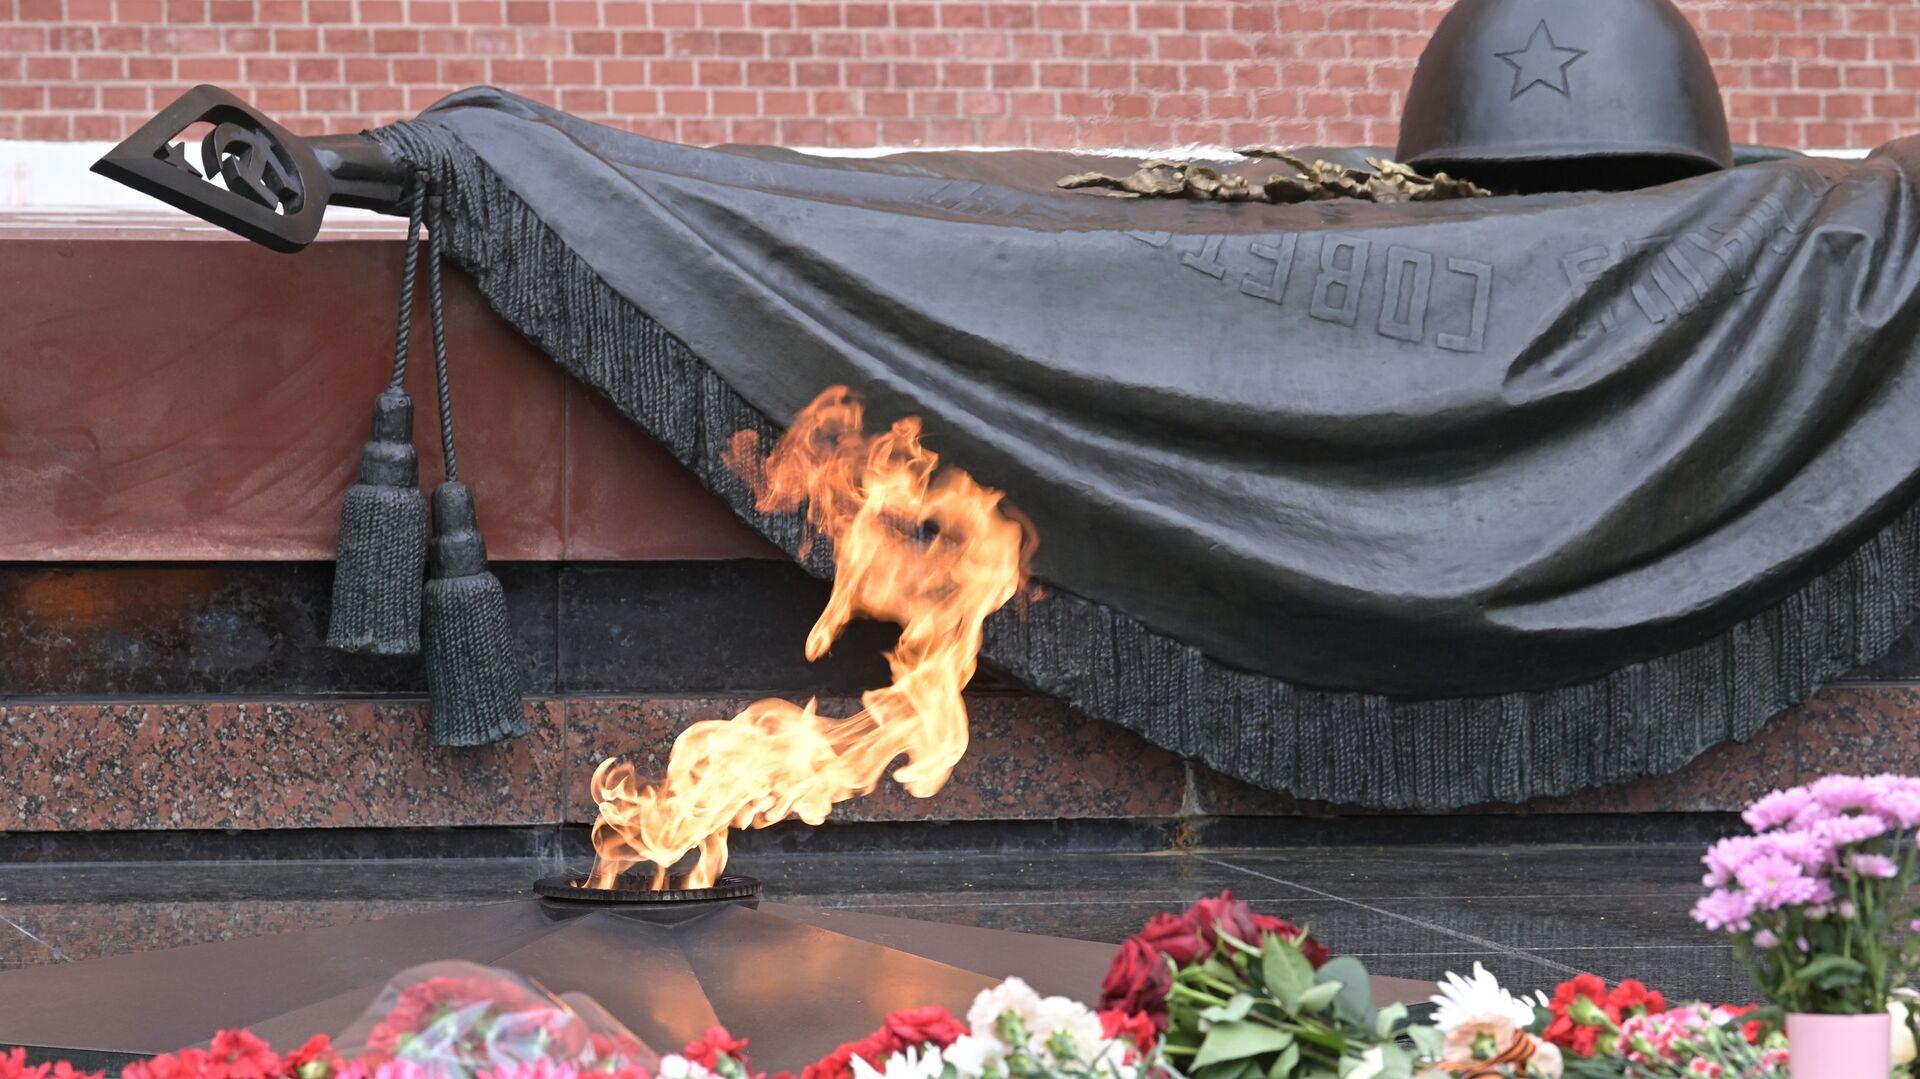 Празднование Дня Победы в Москве - Sputnik Узбекистан, 1920, 25.02.2021